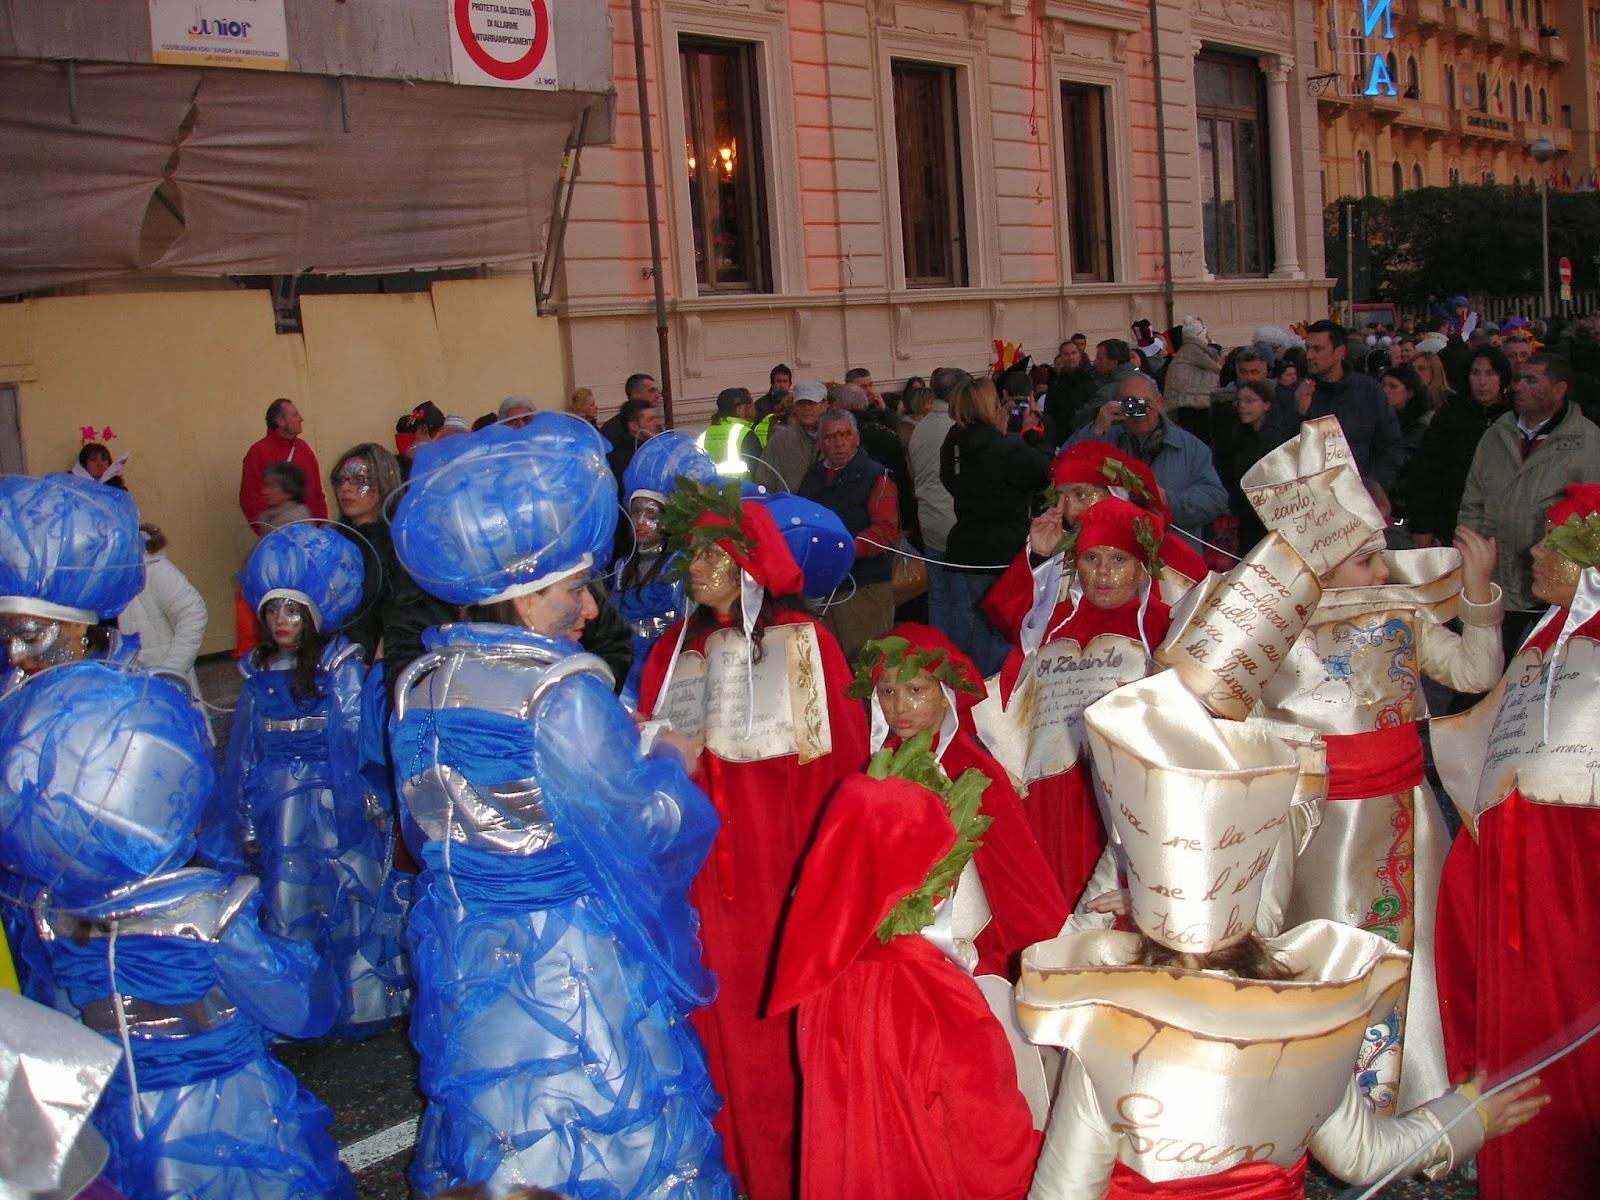 I mille colori del Carnevale di Viareggio, la sfilata dei carri più famosa d'Italia